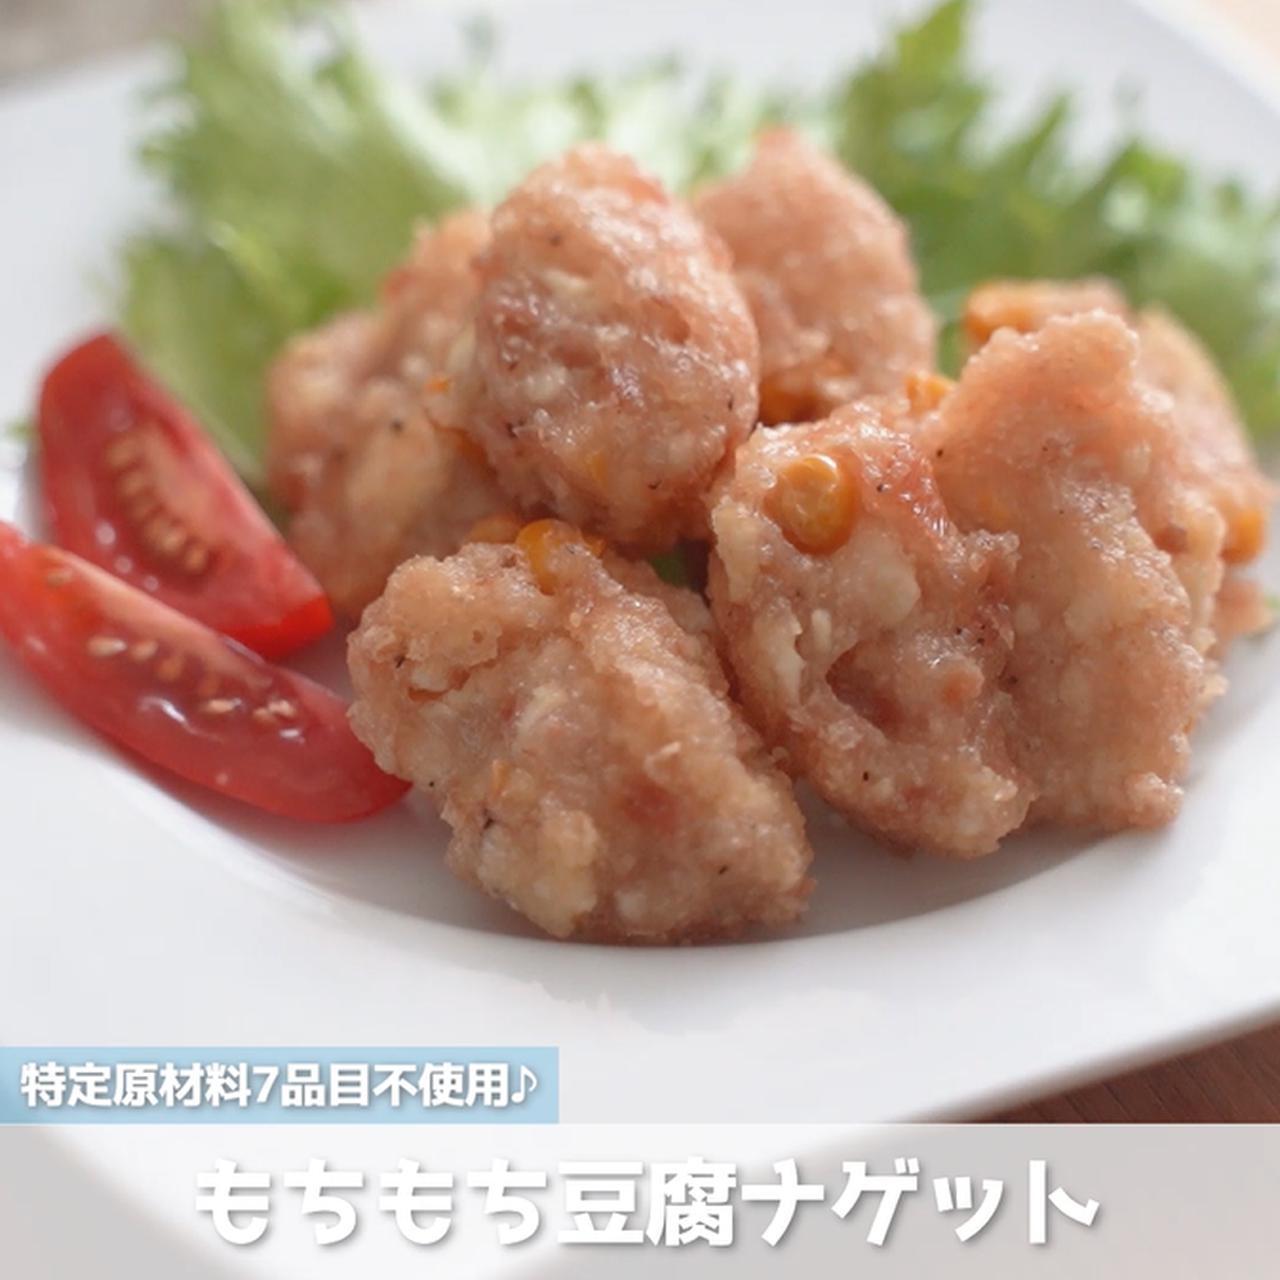 画像: もっちもち、ふっわふわ!この食感はやみつきになるかも!豆腐ナゲット - 君とごはん